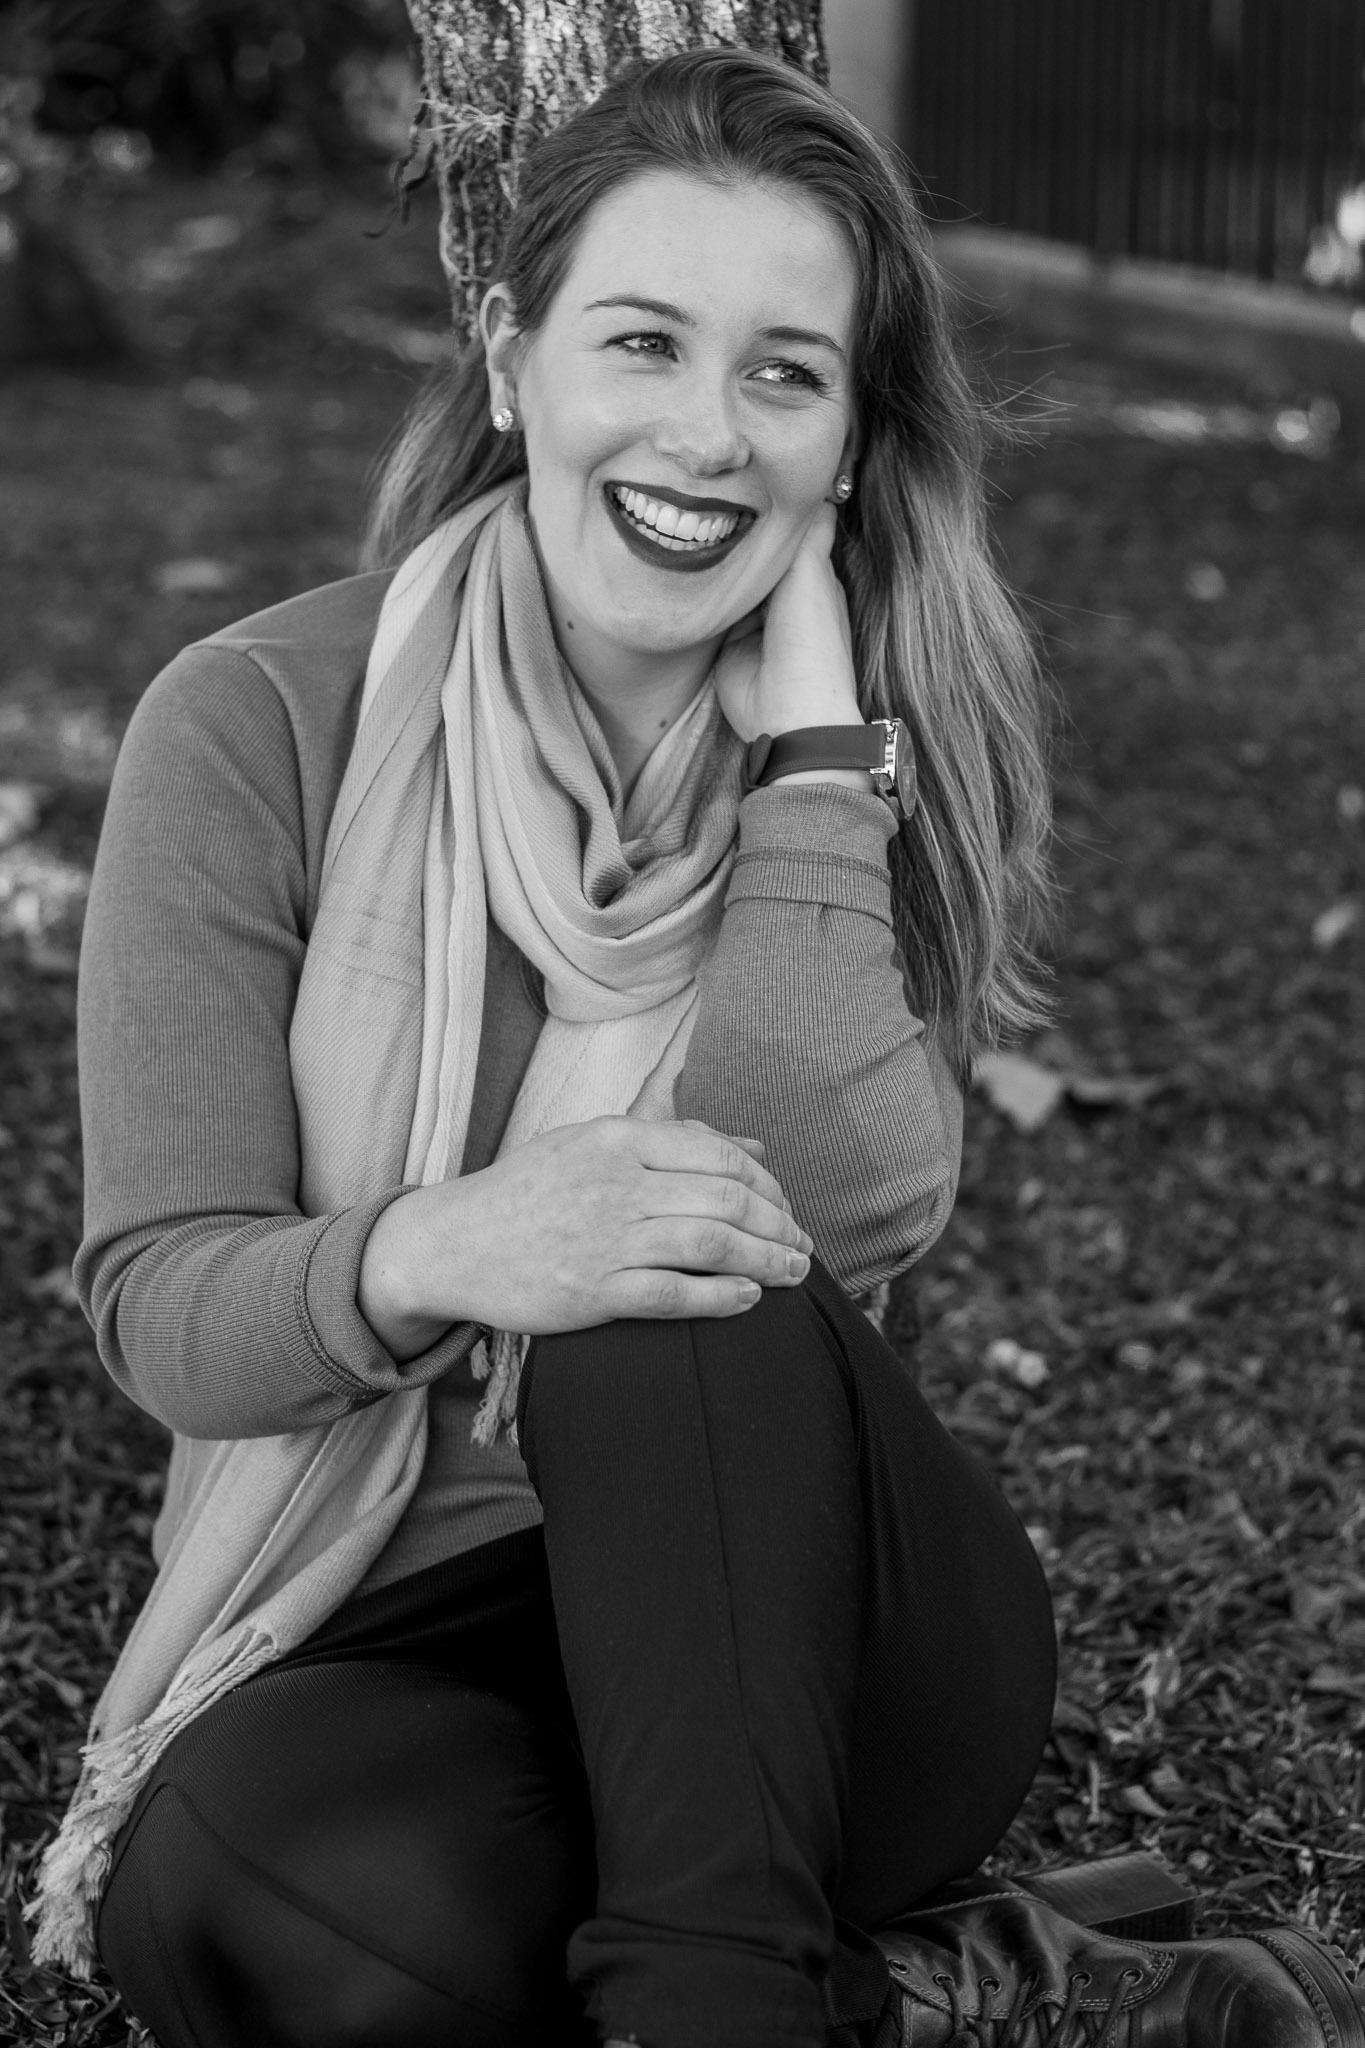 Sobre Fotografia de Família- Glaucia Costa - Retratos da Alma - Fotografia  Documental de Família, Book e Fotografia de família, crianças, gestantes e eventos infantis em Chapecó SC